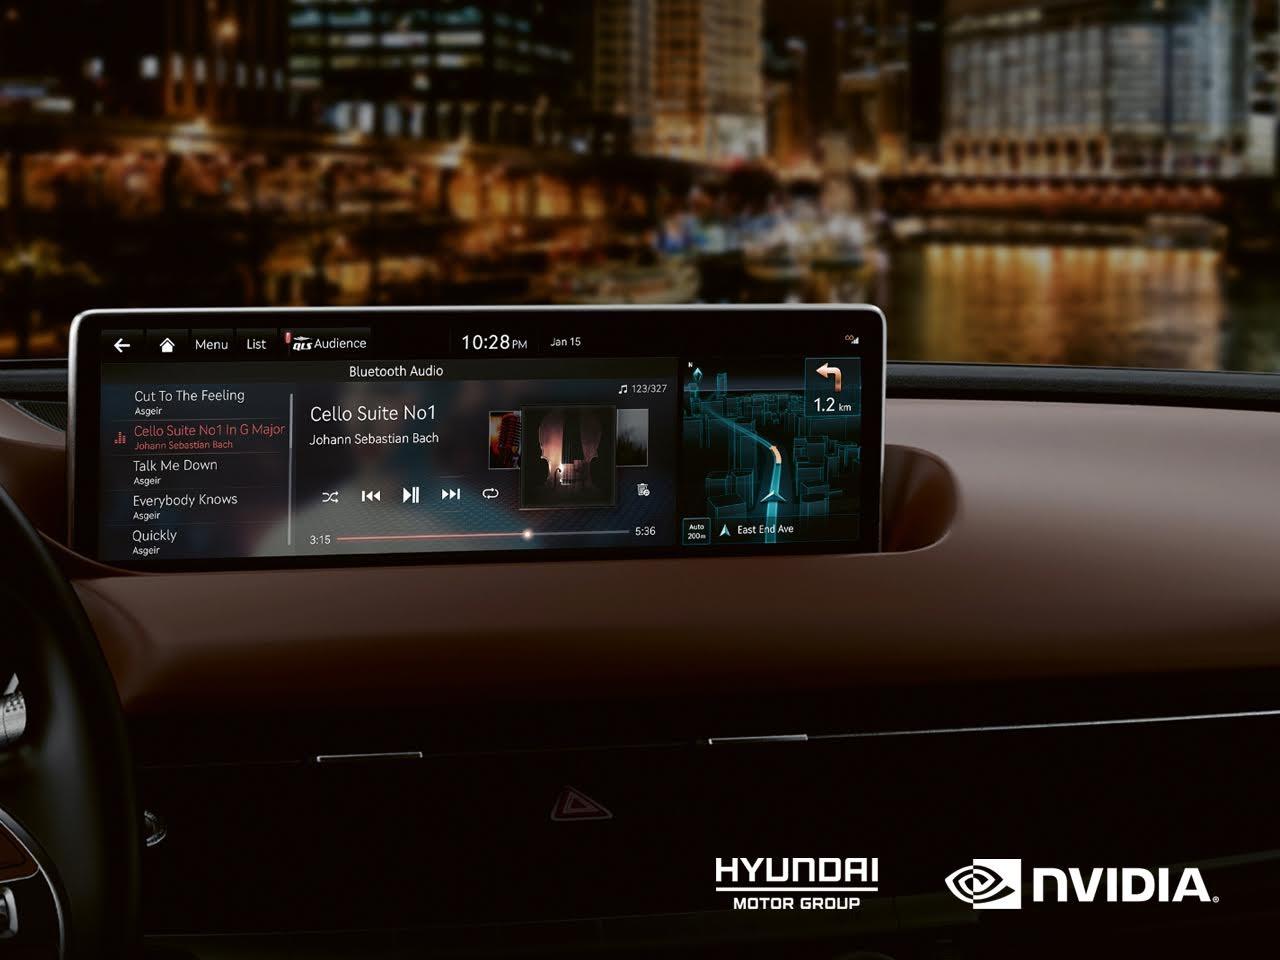 現代集團將自 2022 年起,為旗下 Hyundai 、 Kia 與 Genesis 導入 NVIDIA DRIVE 車載娛樂系統與 AI 平台;